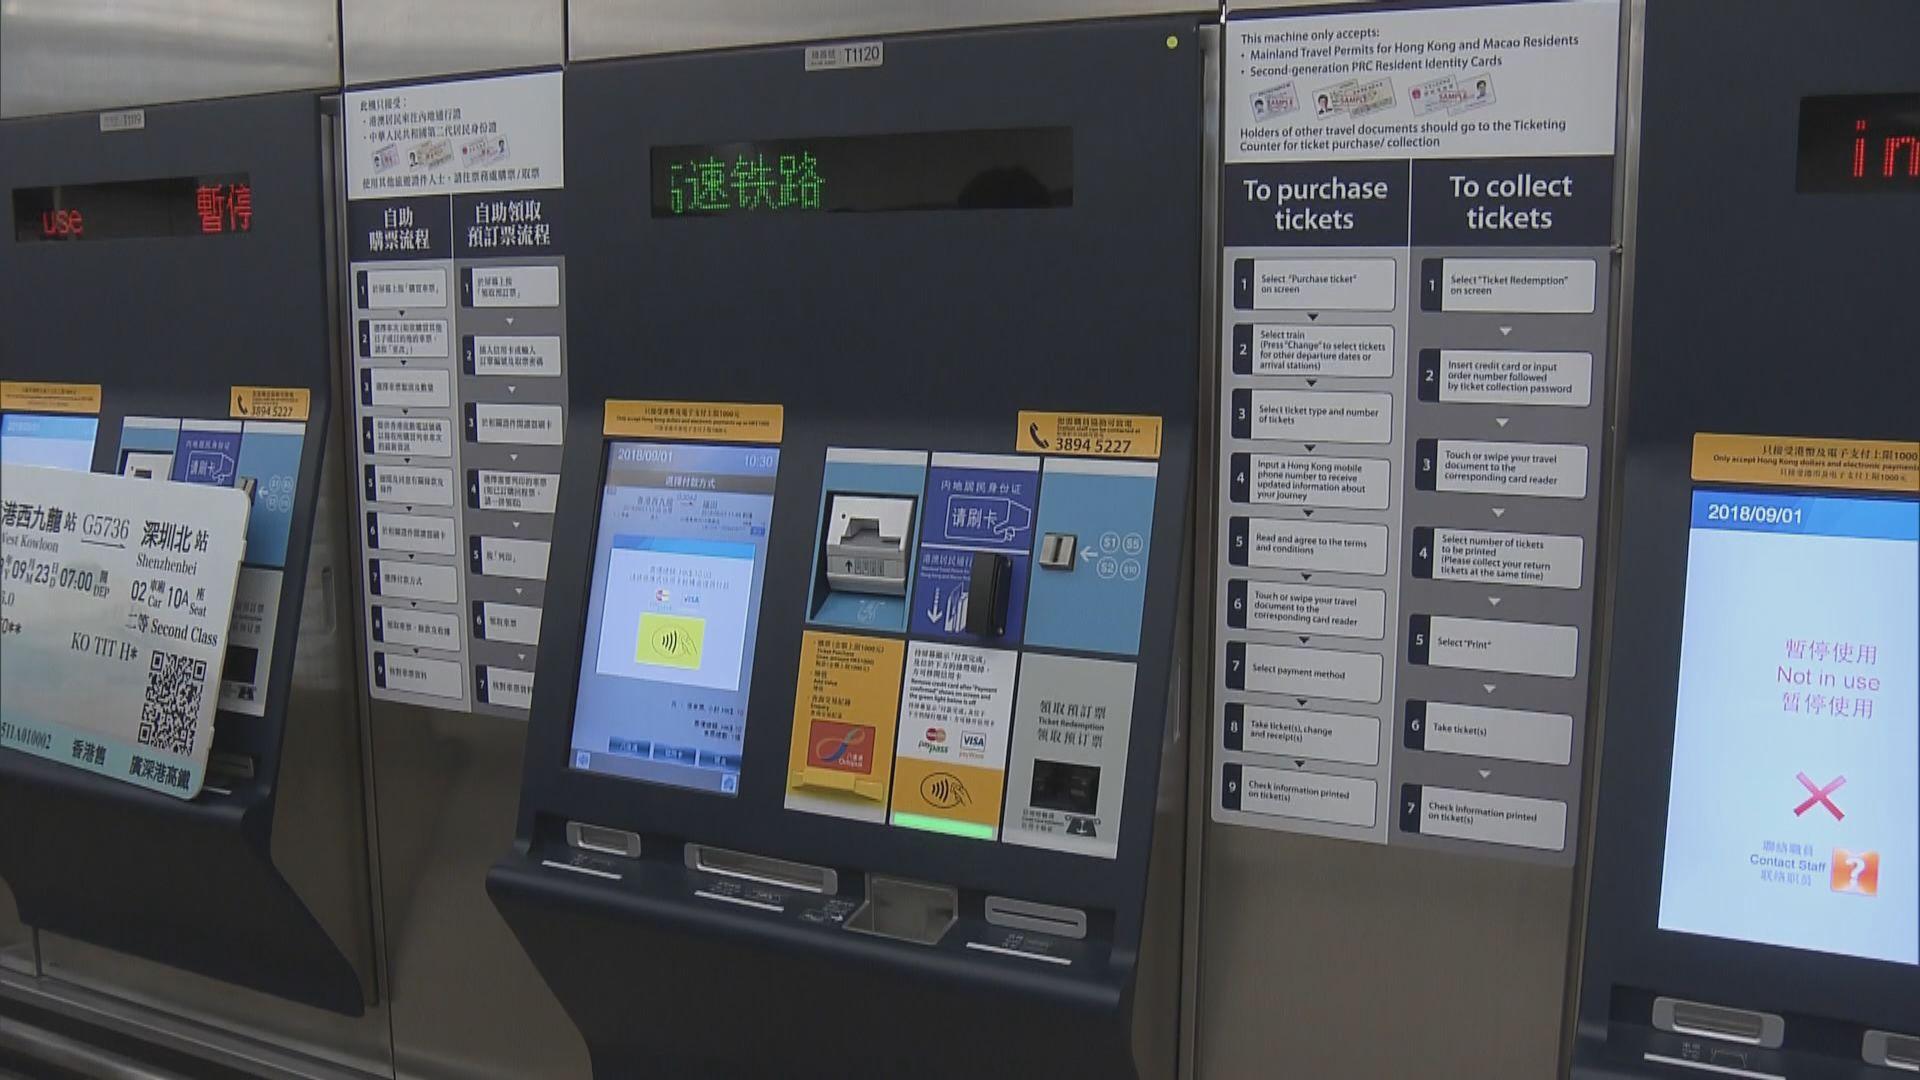 票務系統故障 高鐵預售車票服務暫停